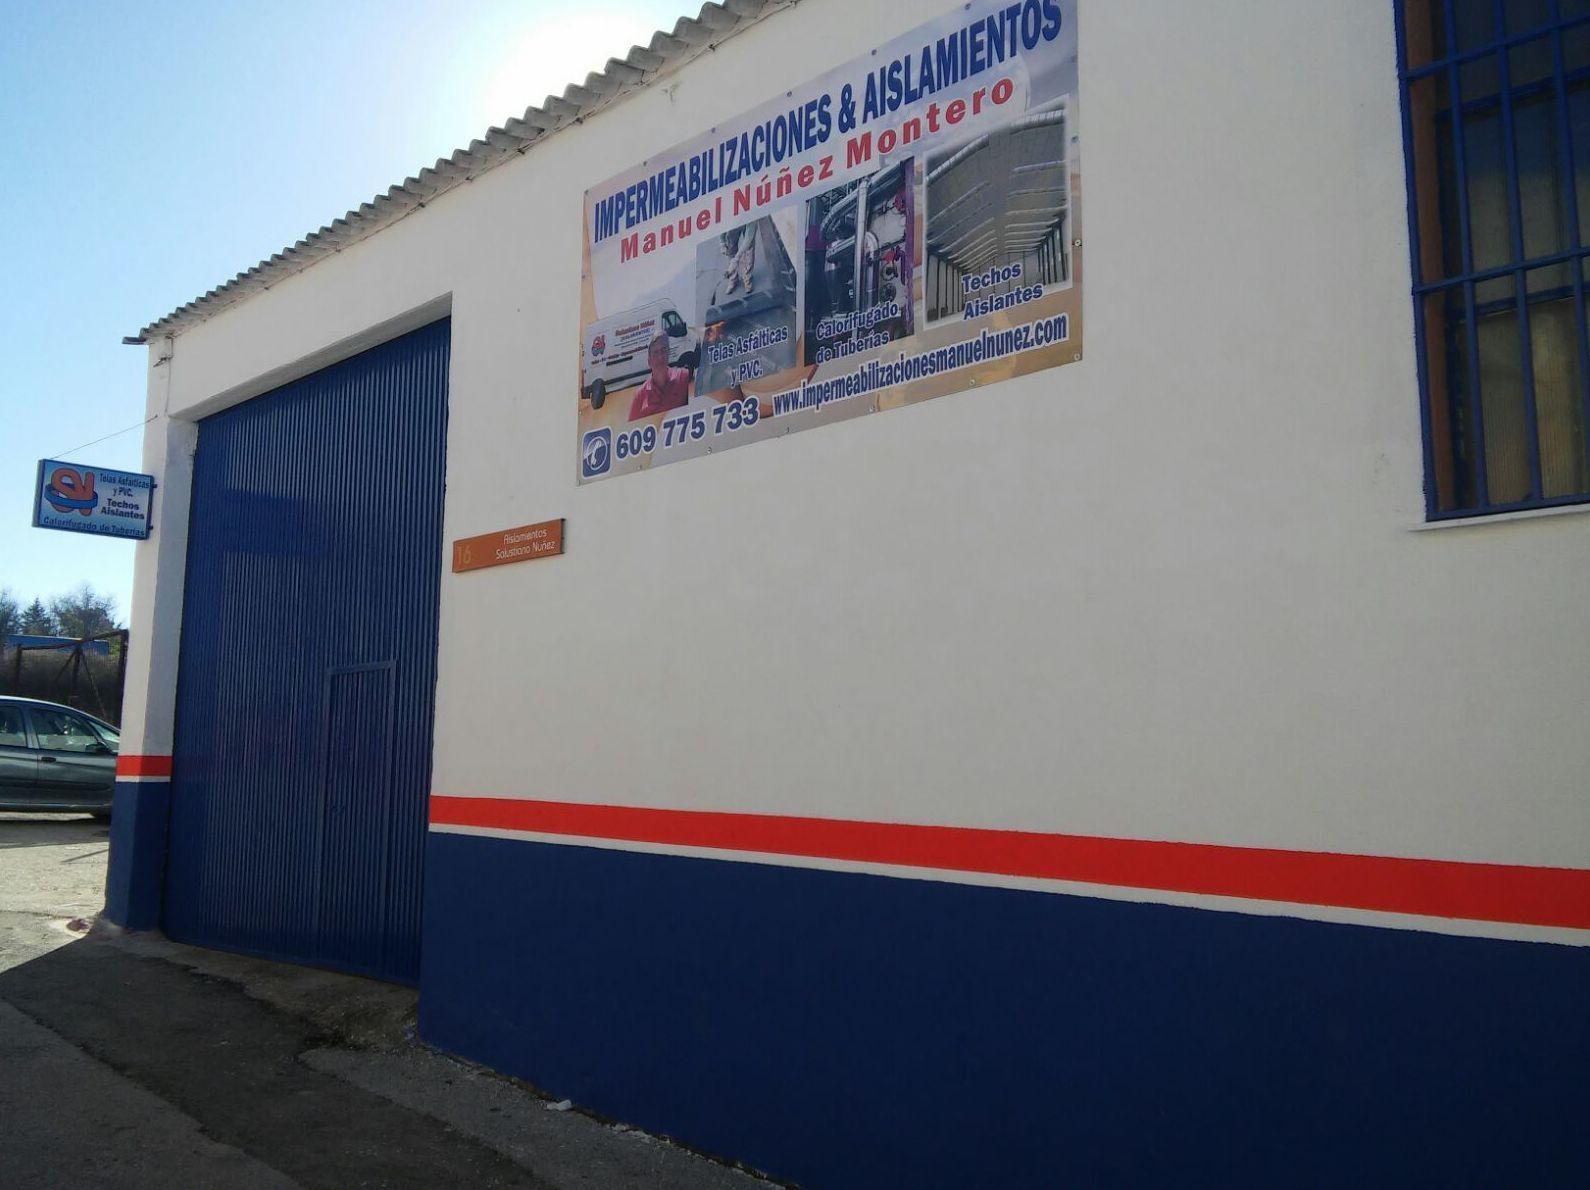 Foto 13 de Impermeabilización en Linares | Impermeabilizaciones Manuel Núñez Montero